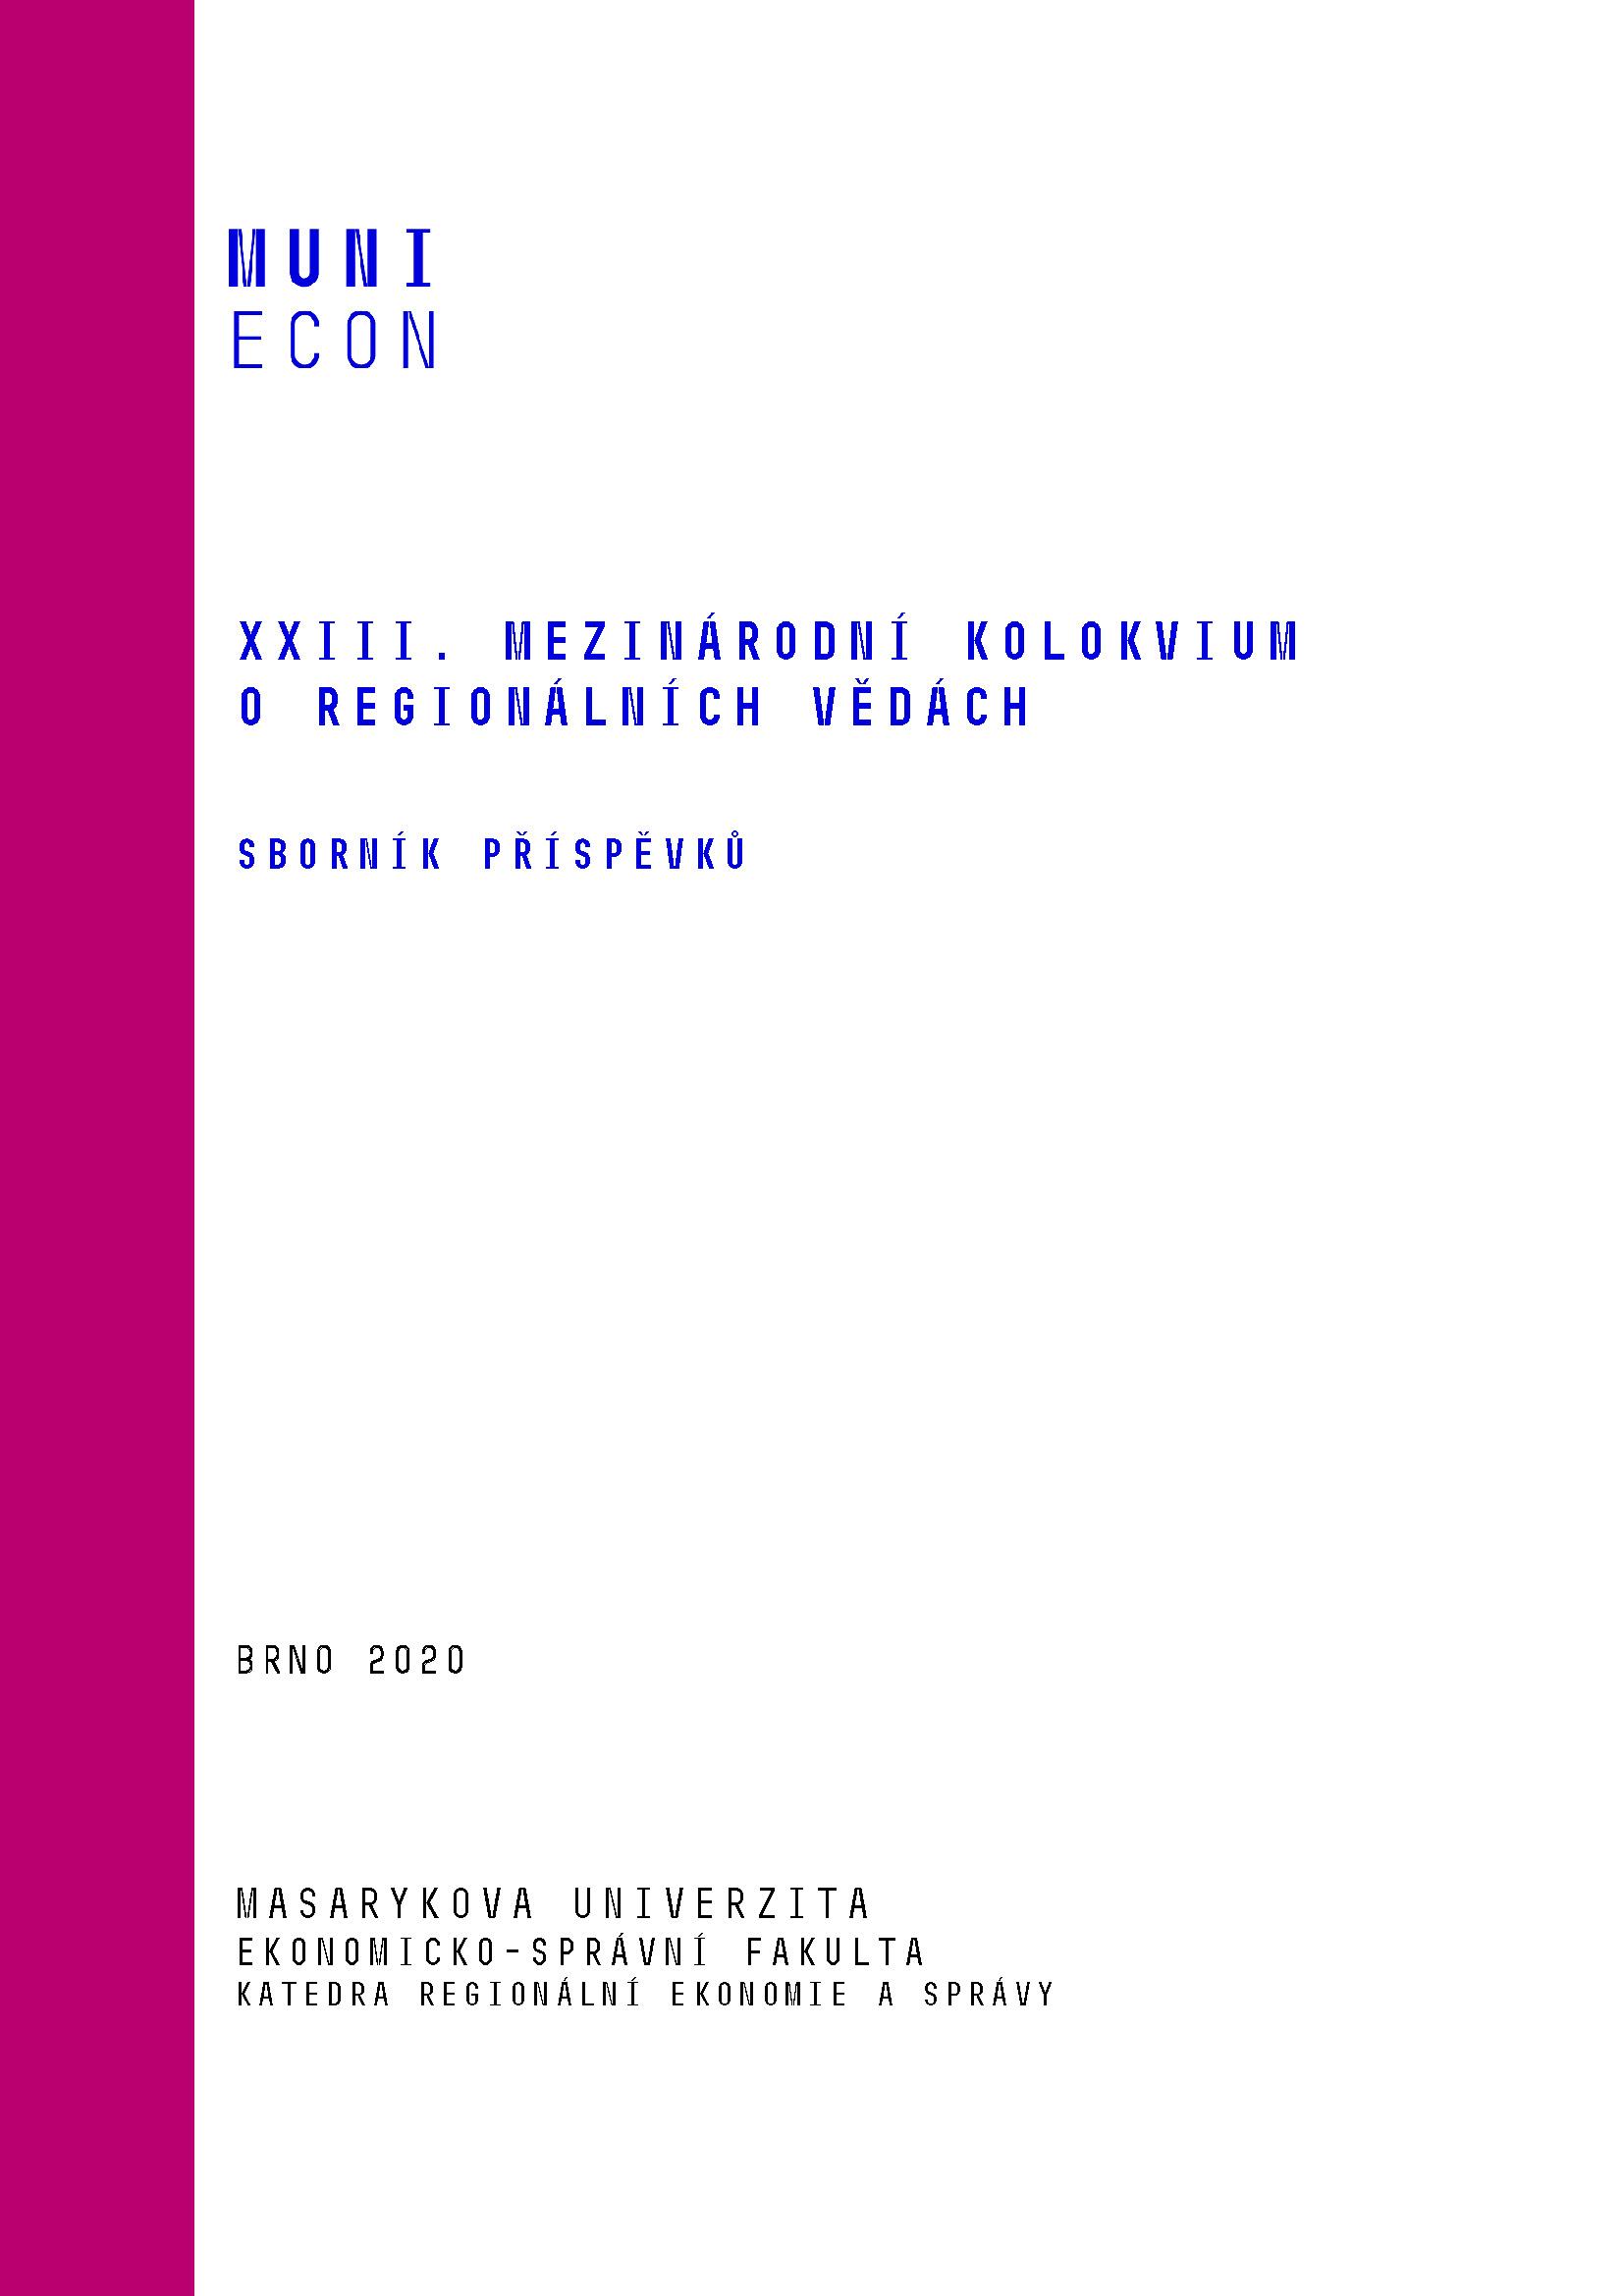 Obálka pro XXIII. mezinárodní kolokvium o regionálních vědách. Sborník příspěvků